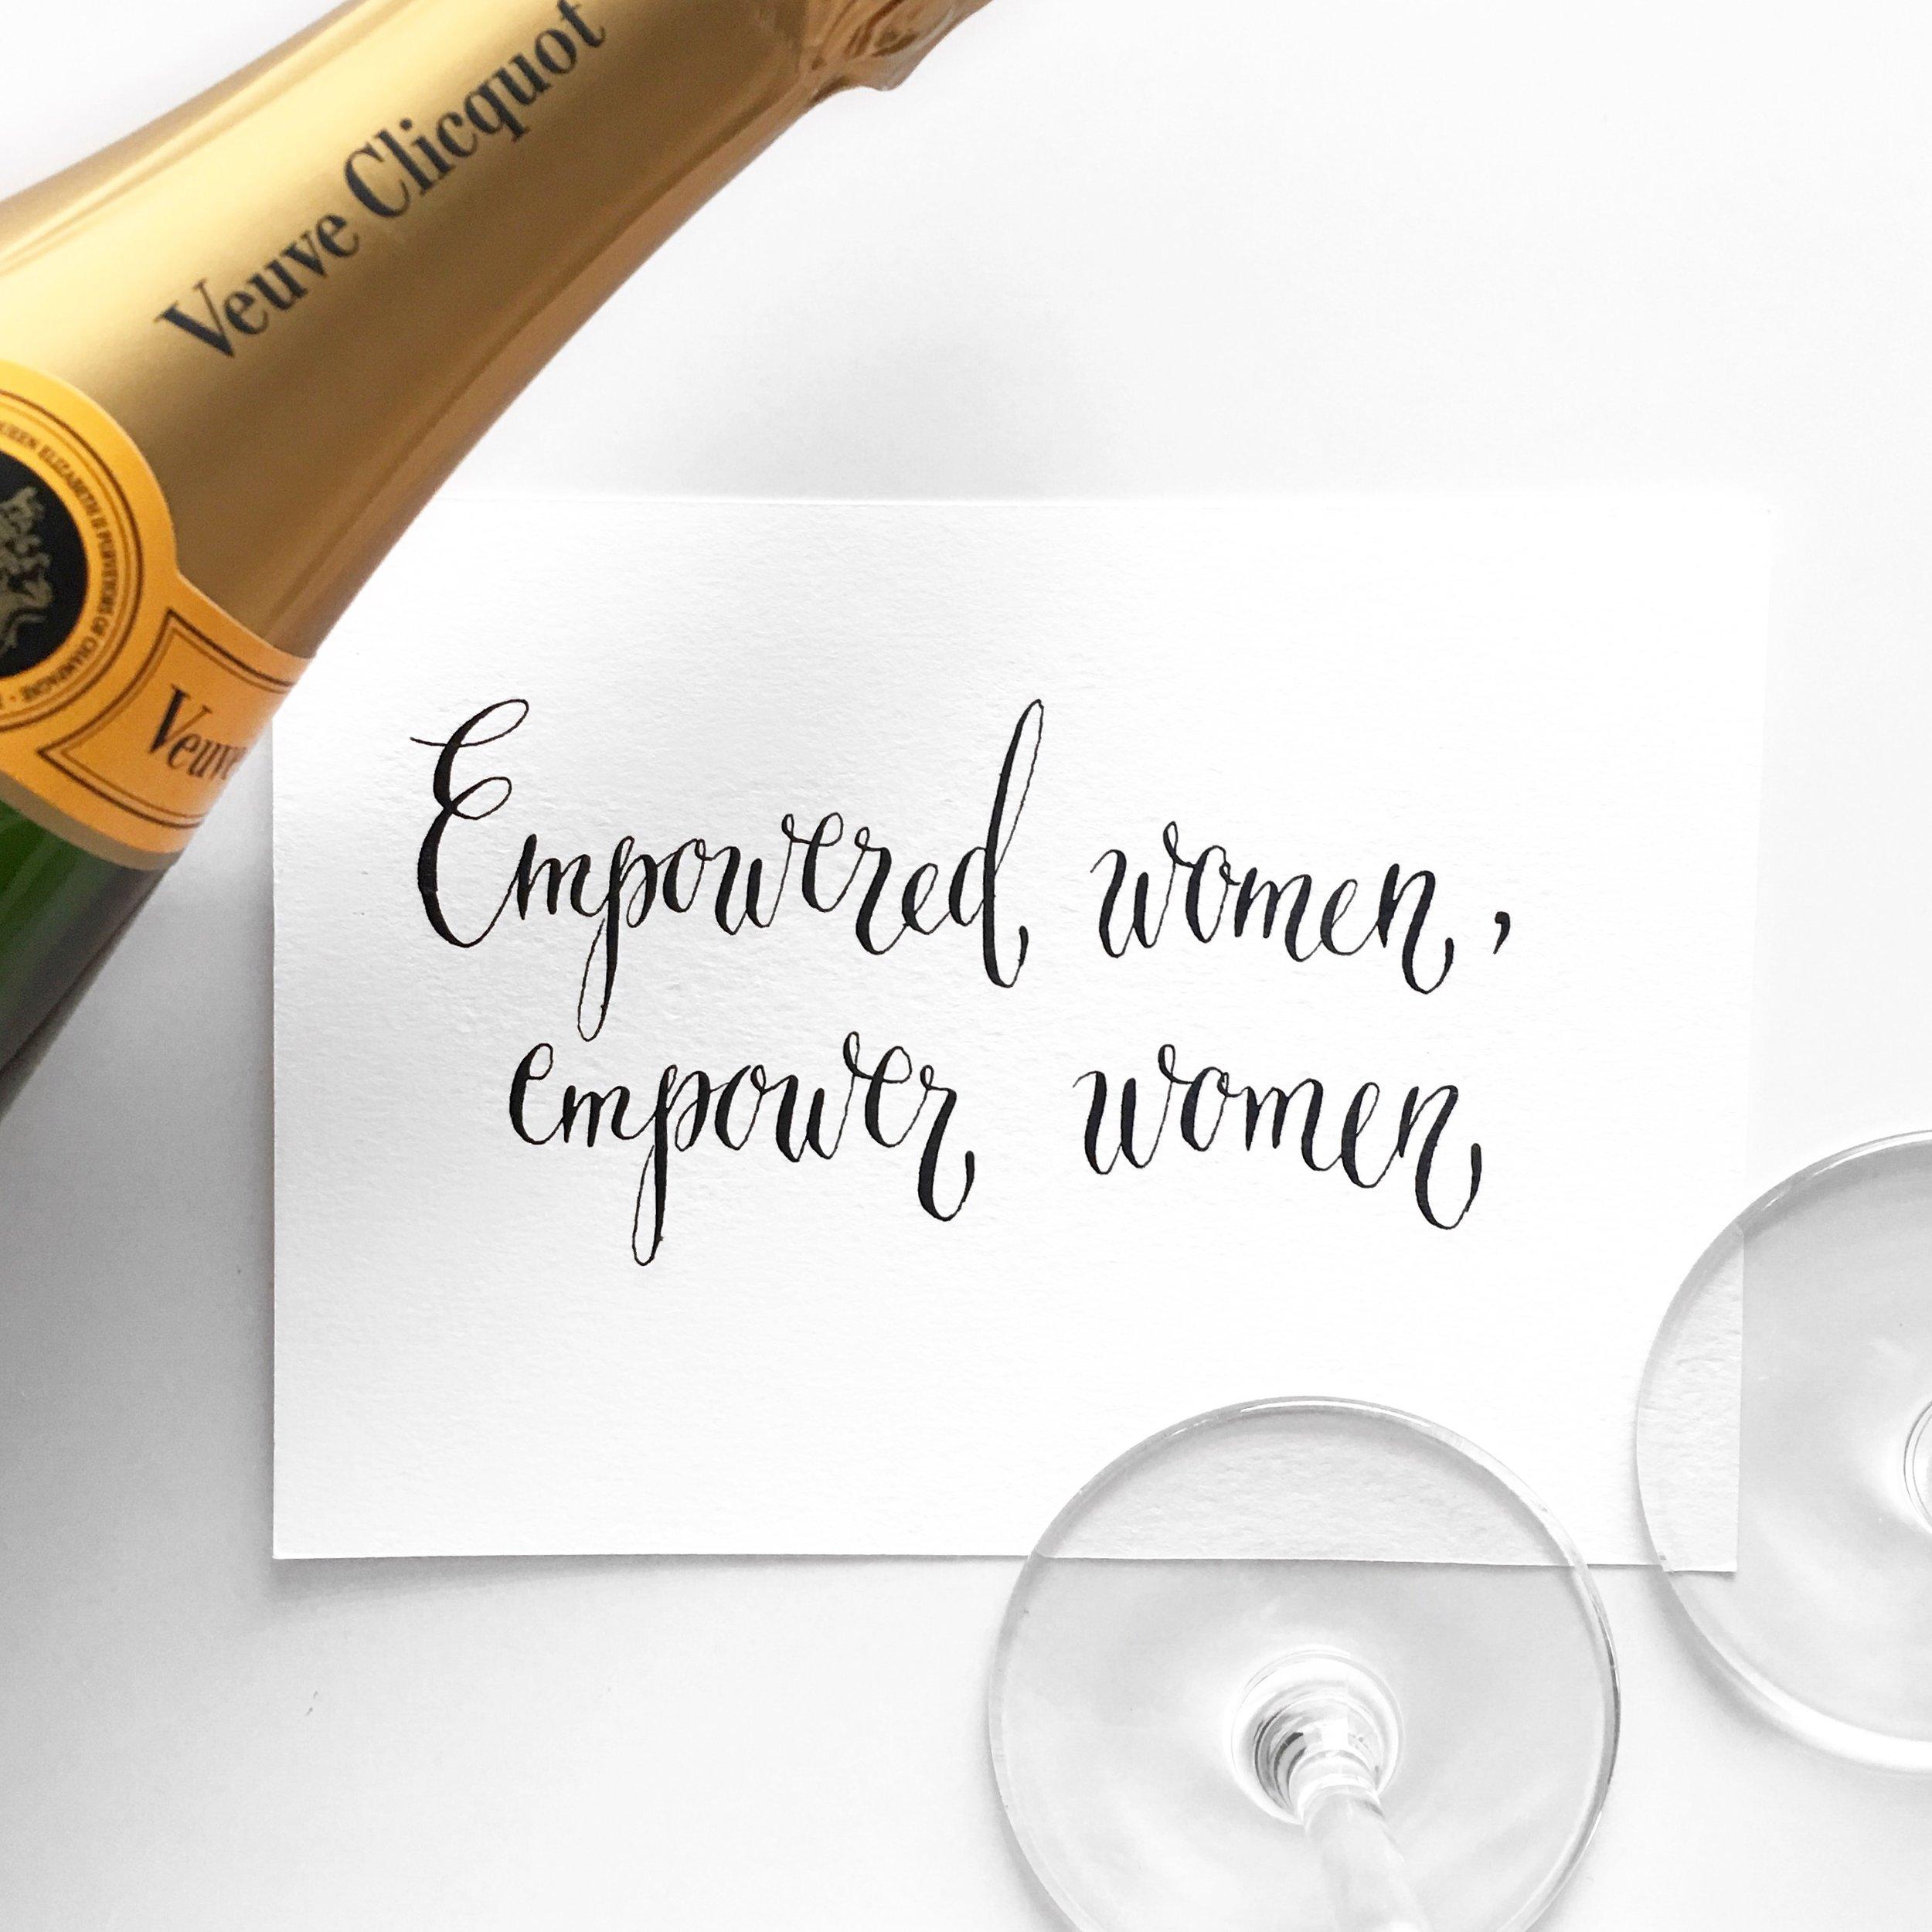 Empowered Women, empower women + Veuve Champagne